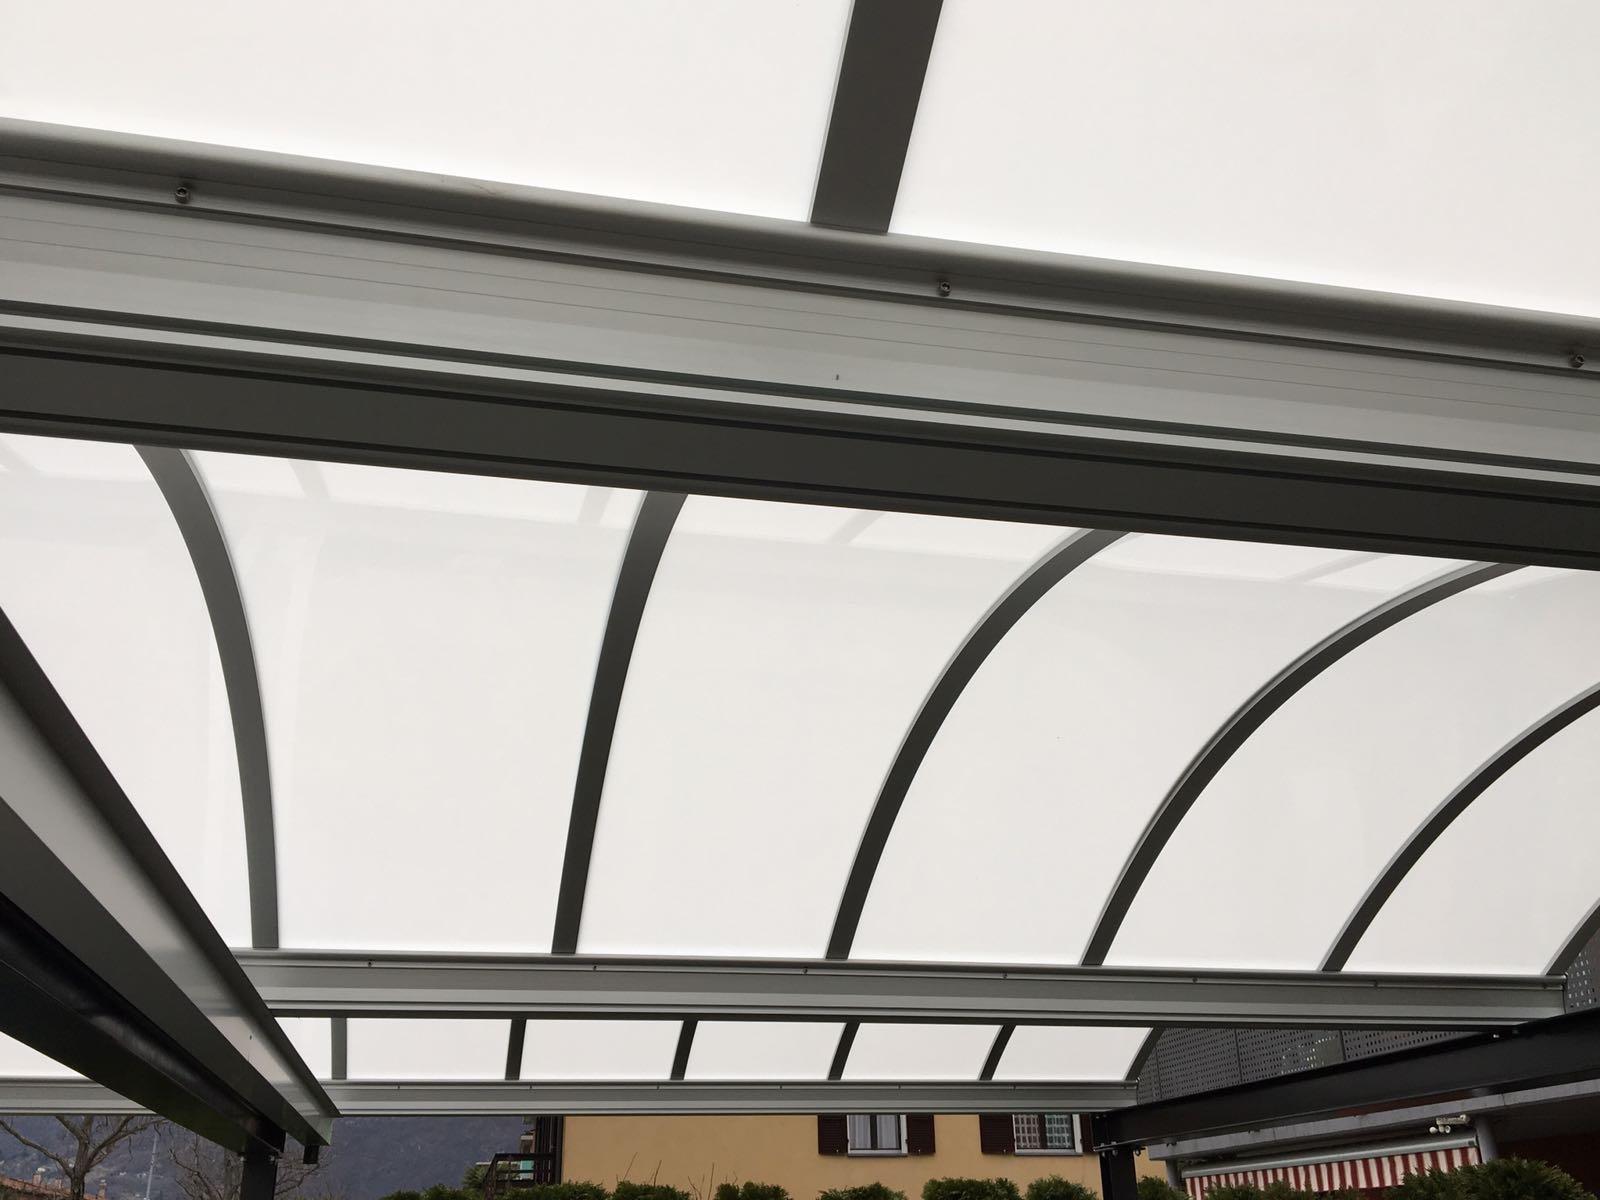 Tettoia per auto acciaio zincato - Gesualdi Group